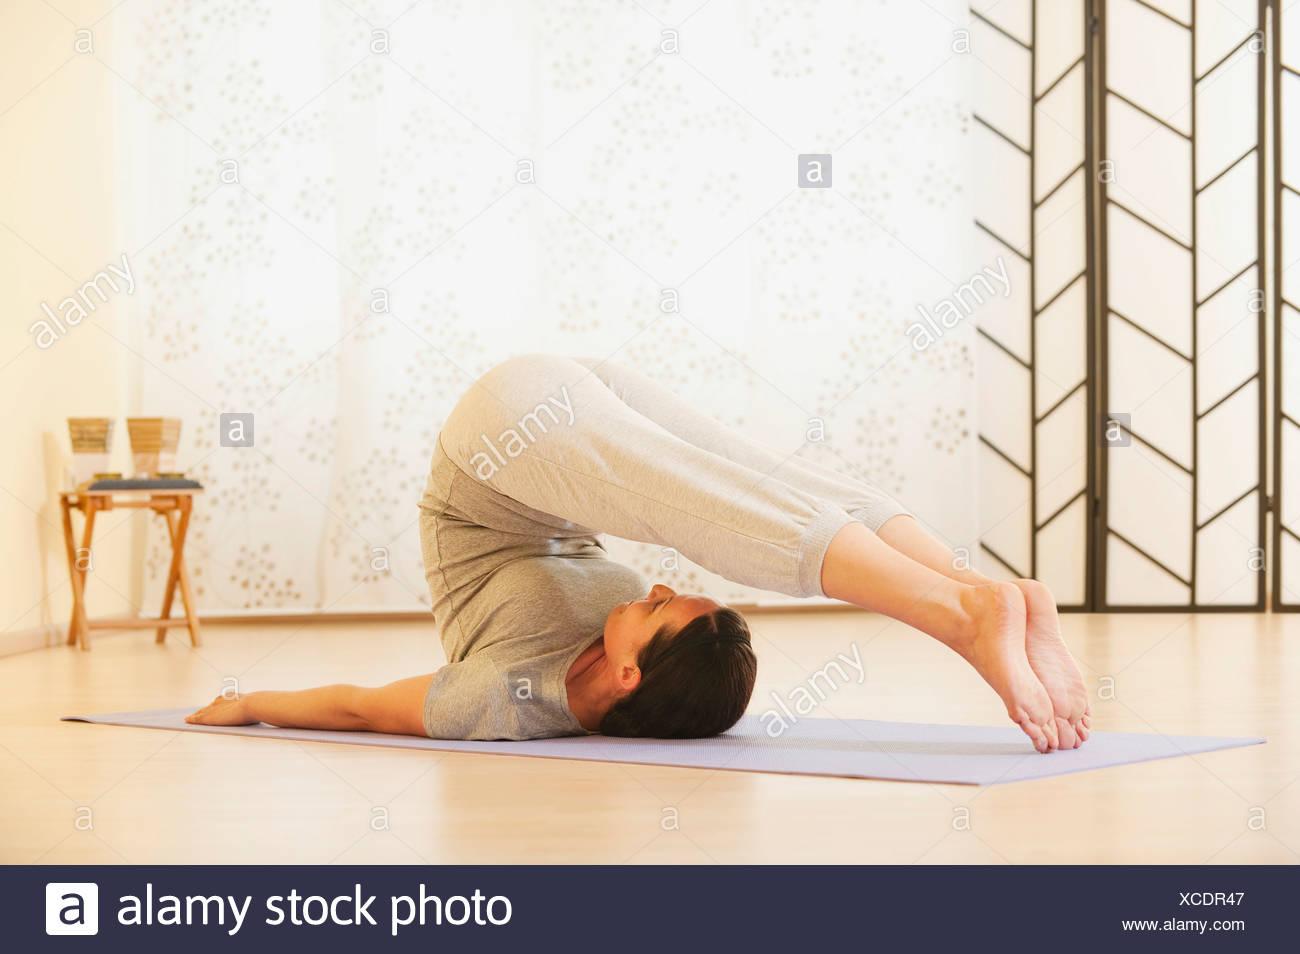 Frau, die Durchführung von Yoga auf Gymnastikmatte Stockbild